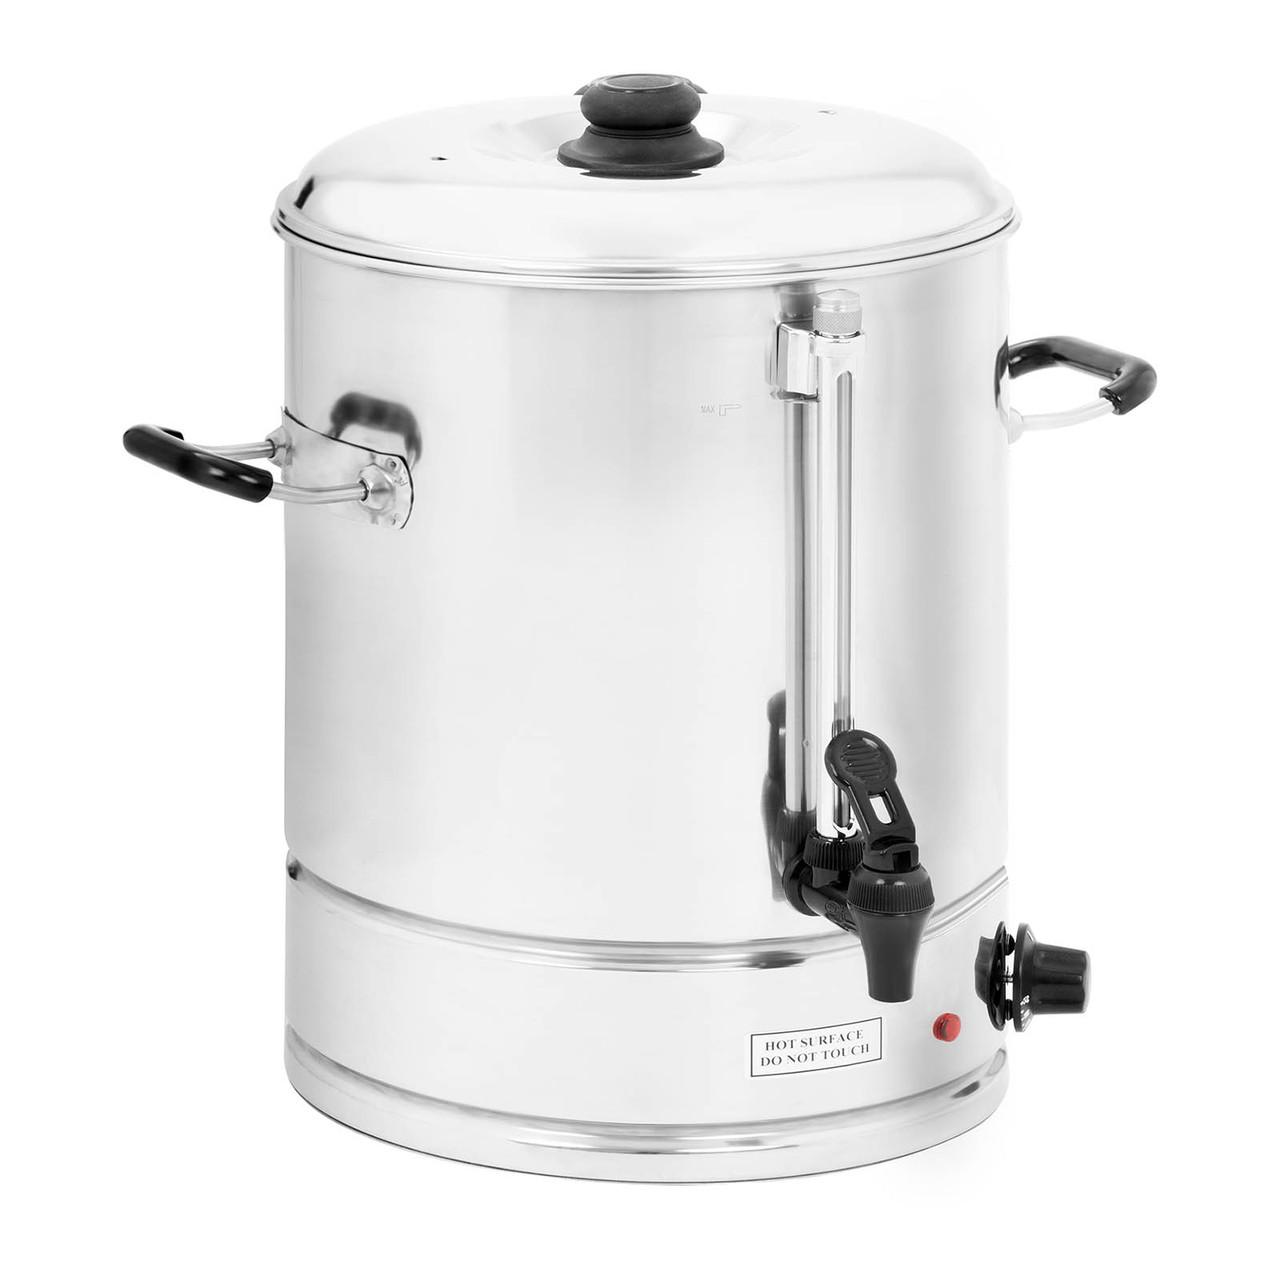 Диспенсер для горячей воды - 30л - нержавеющая сталь - 3000Вт Royal Catering